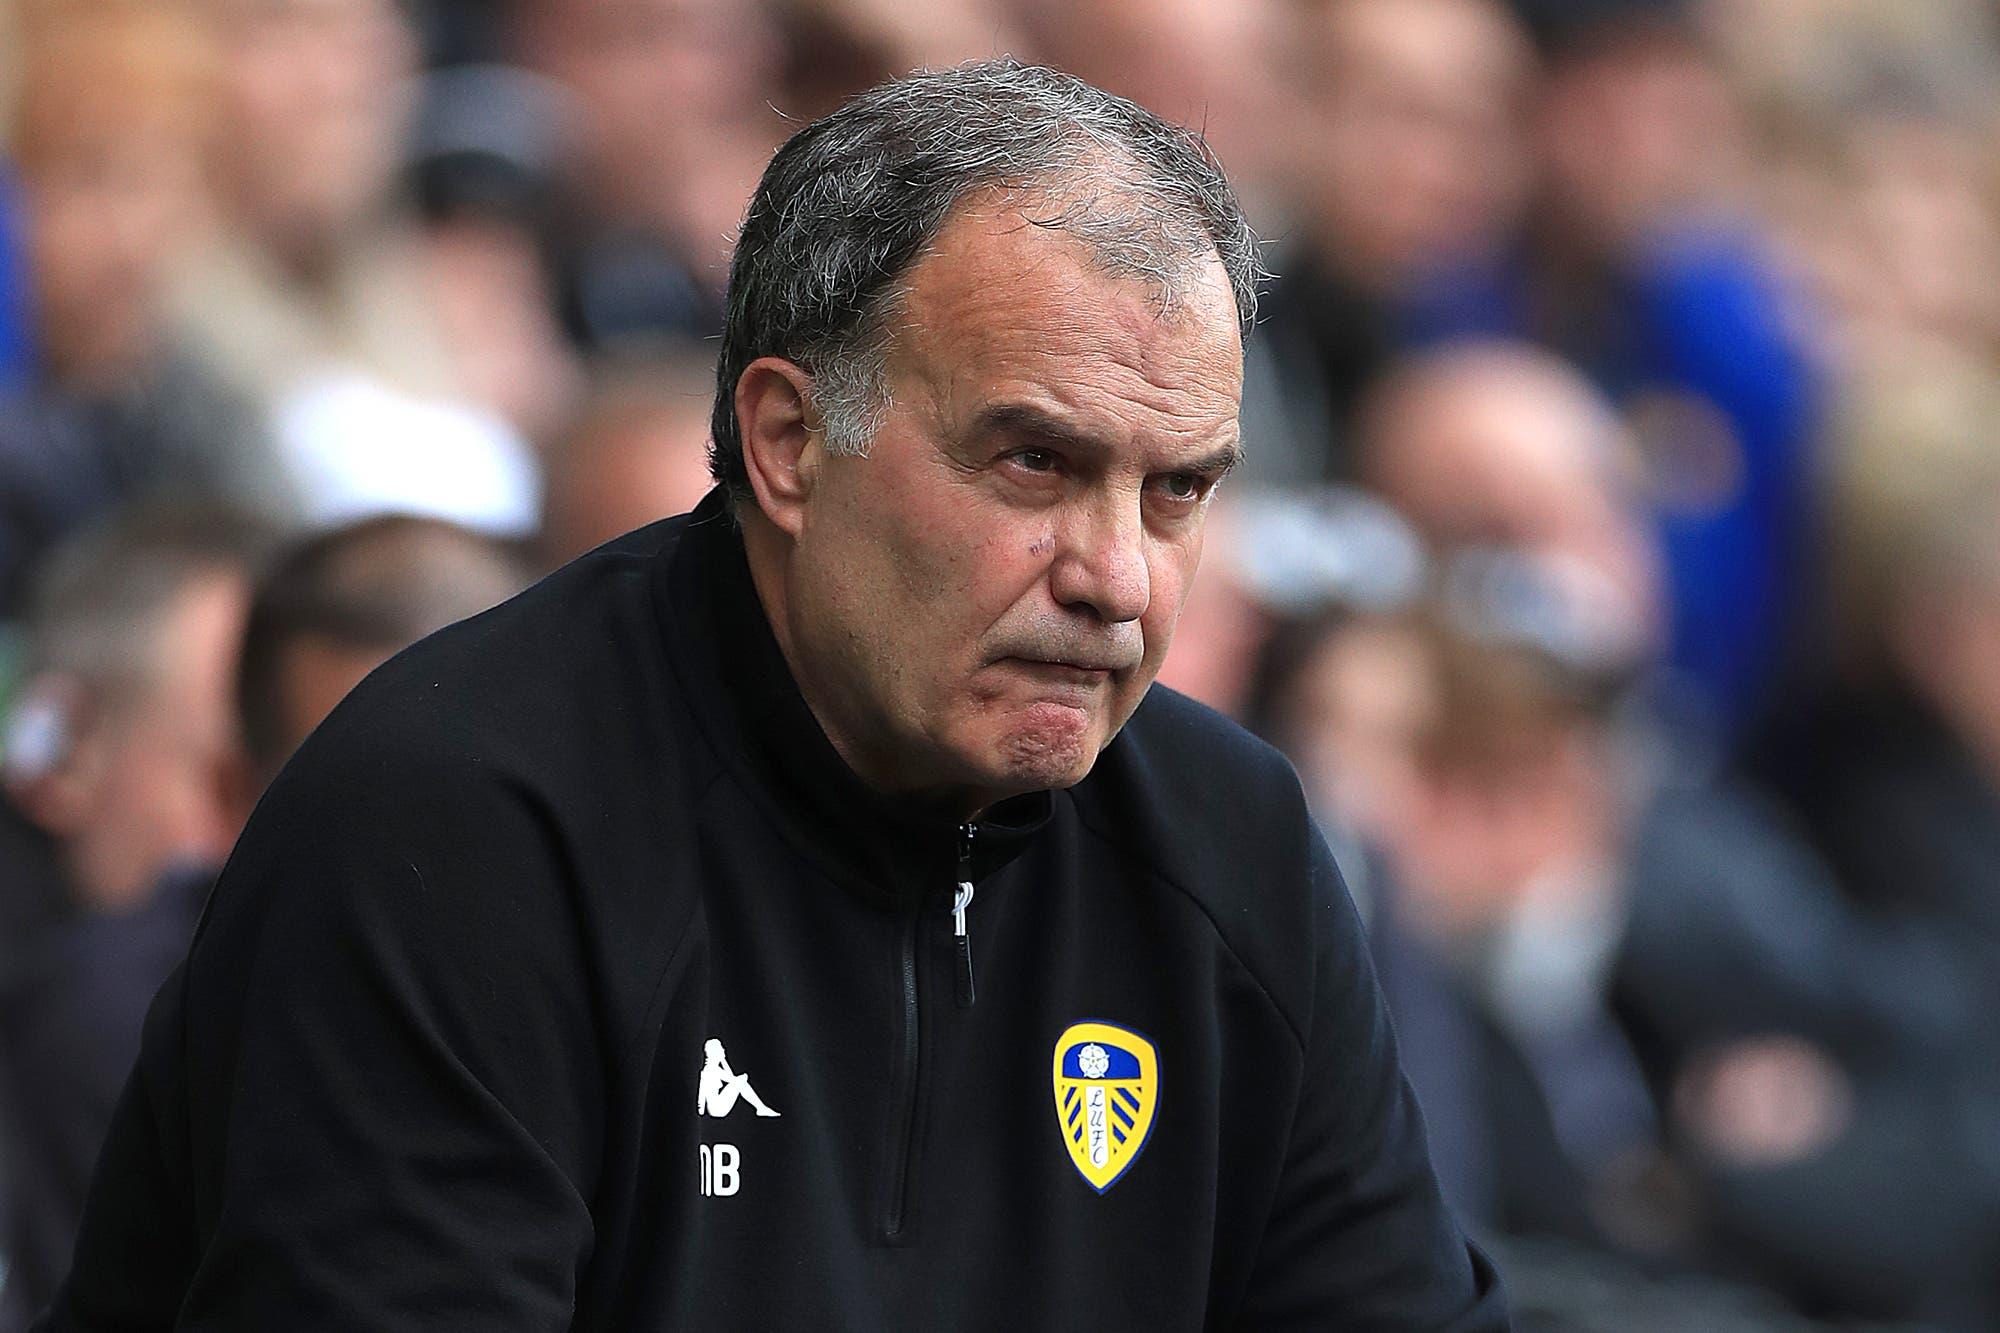 Habló Bielsa: cómo renueva la ilusión en Leeds a dos meses del fracaso de no ascender